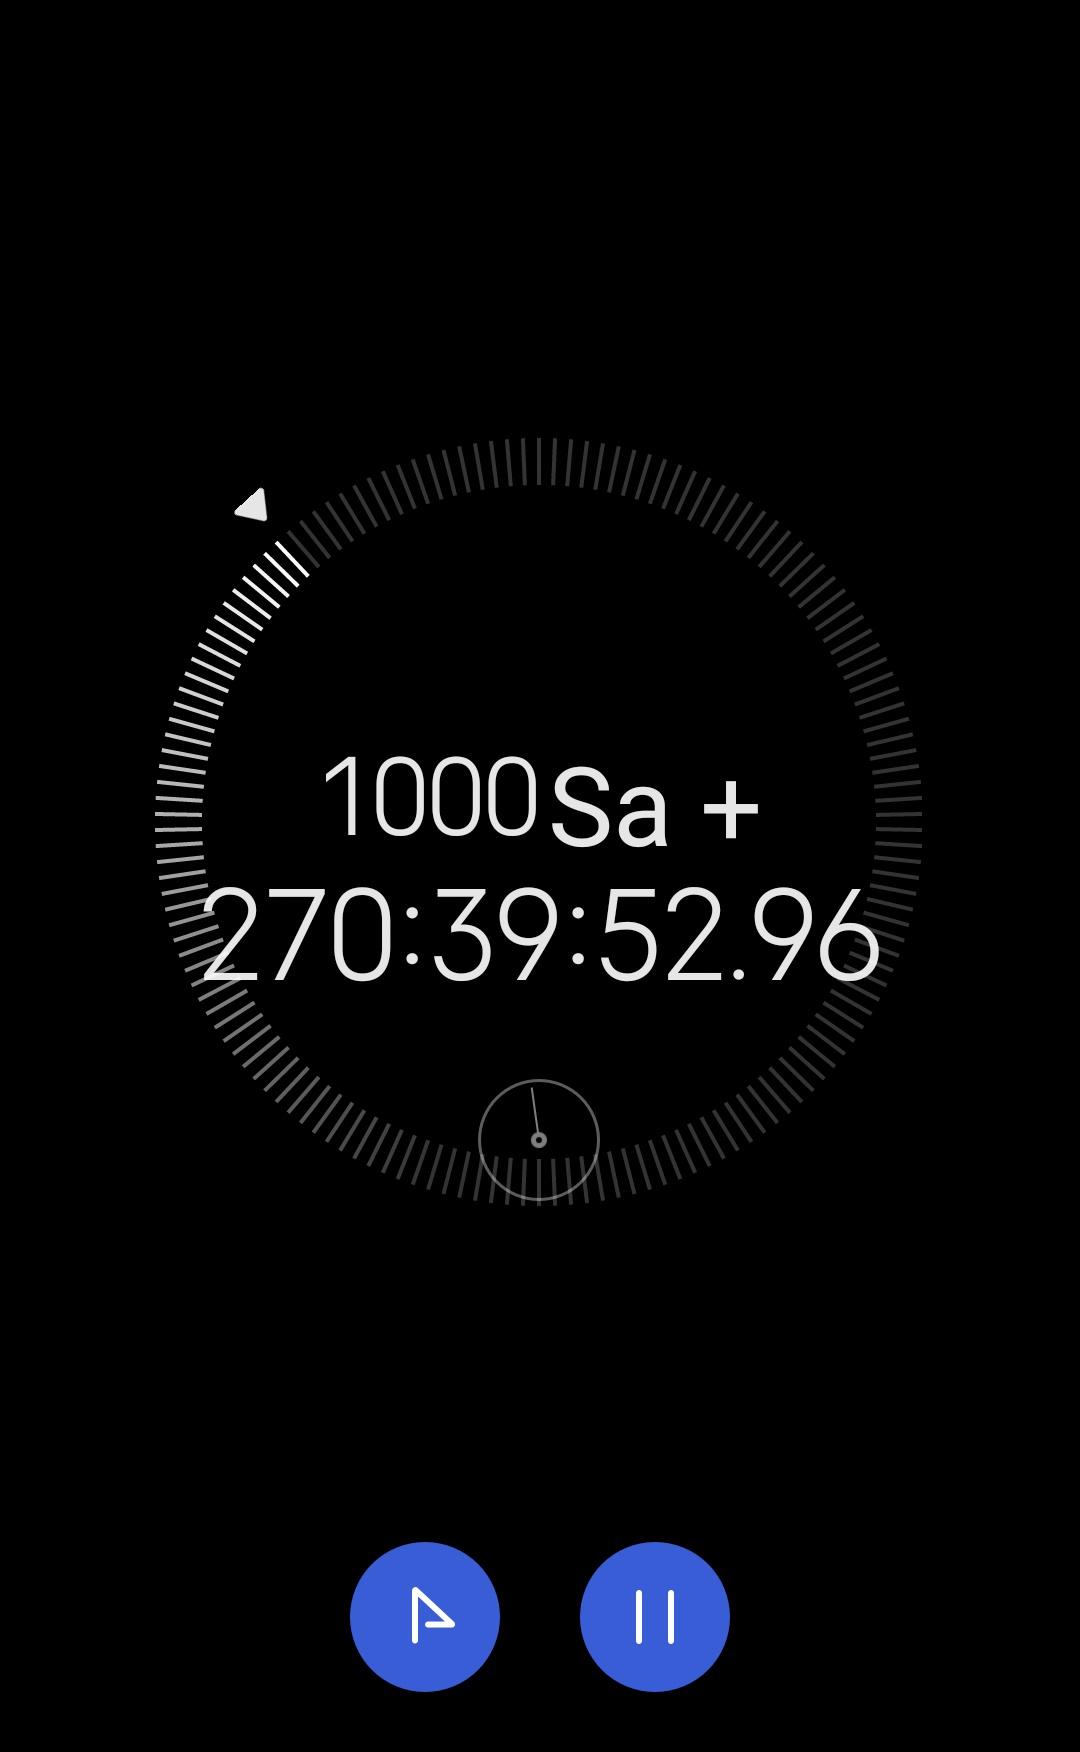 kronometreyi açık unutmak